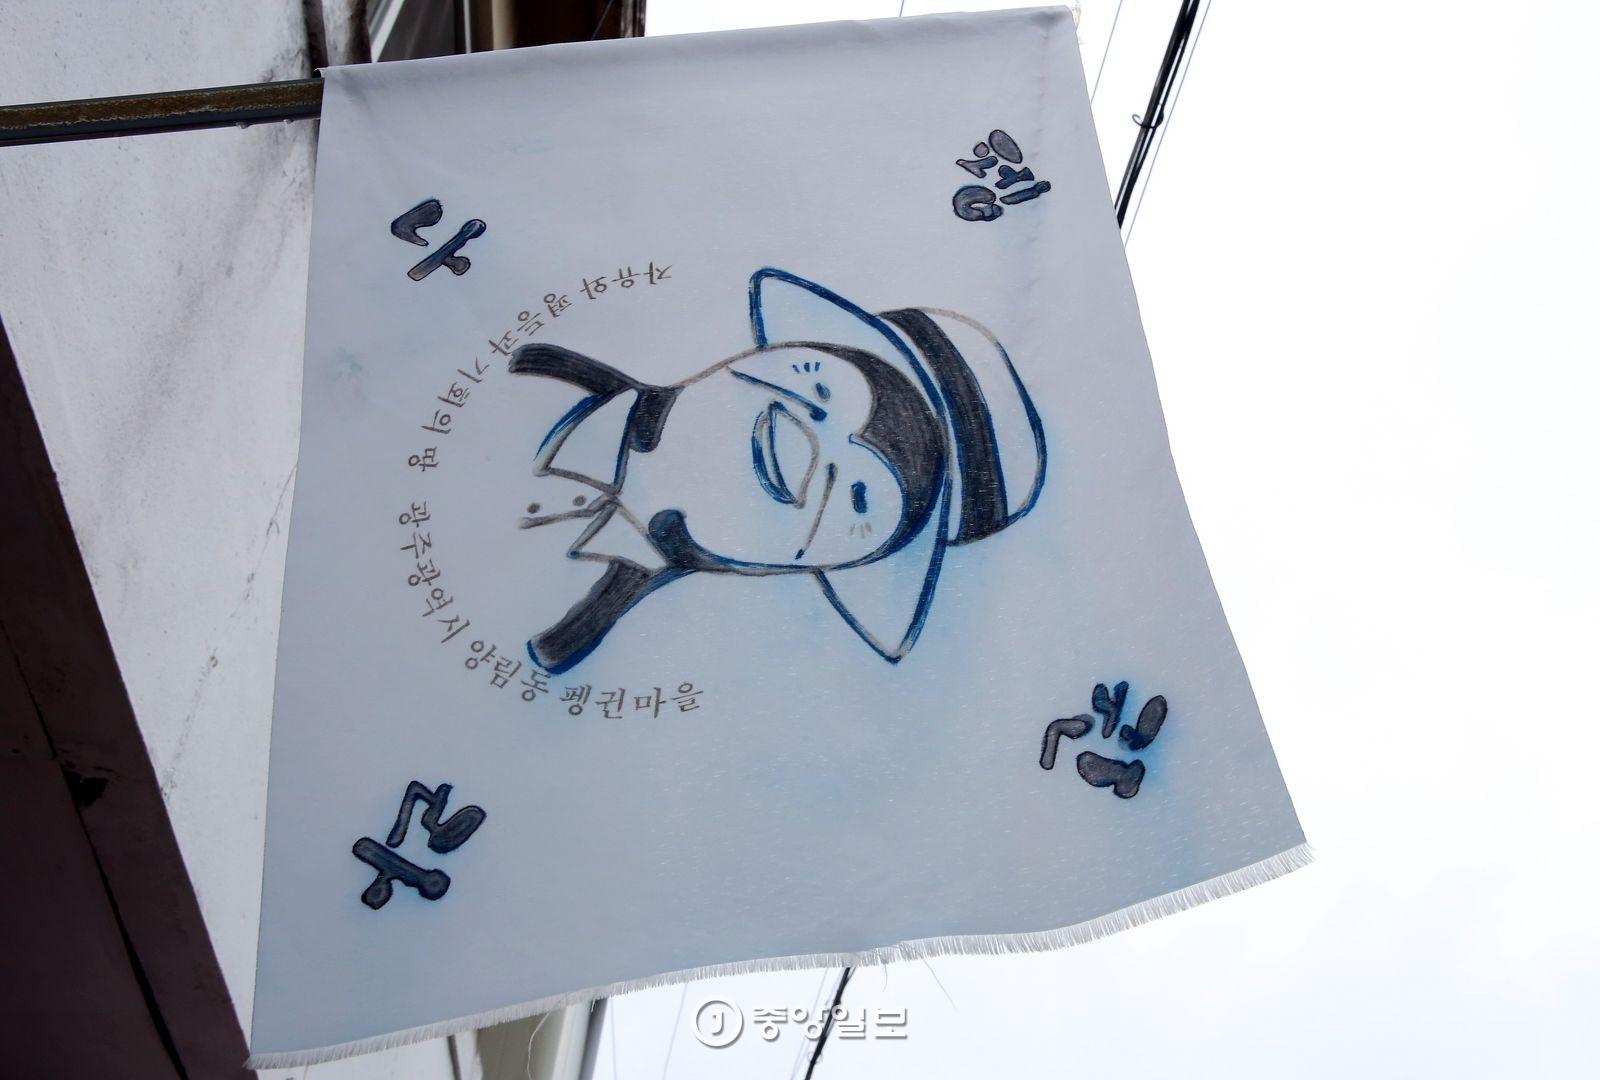 양림동 펭귄마을을 상징하는 깃발. 펭귄마을이라는 이름은 마을에 거주하는 어르신들의 뒤뚱거리는 걸음걸이에서 비롯됐다.